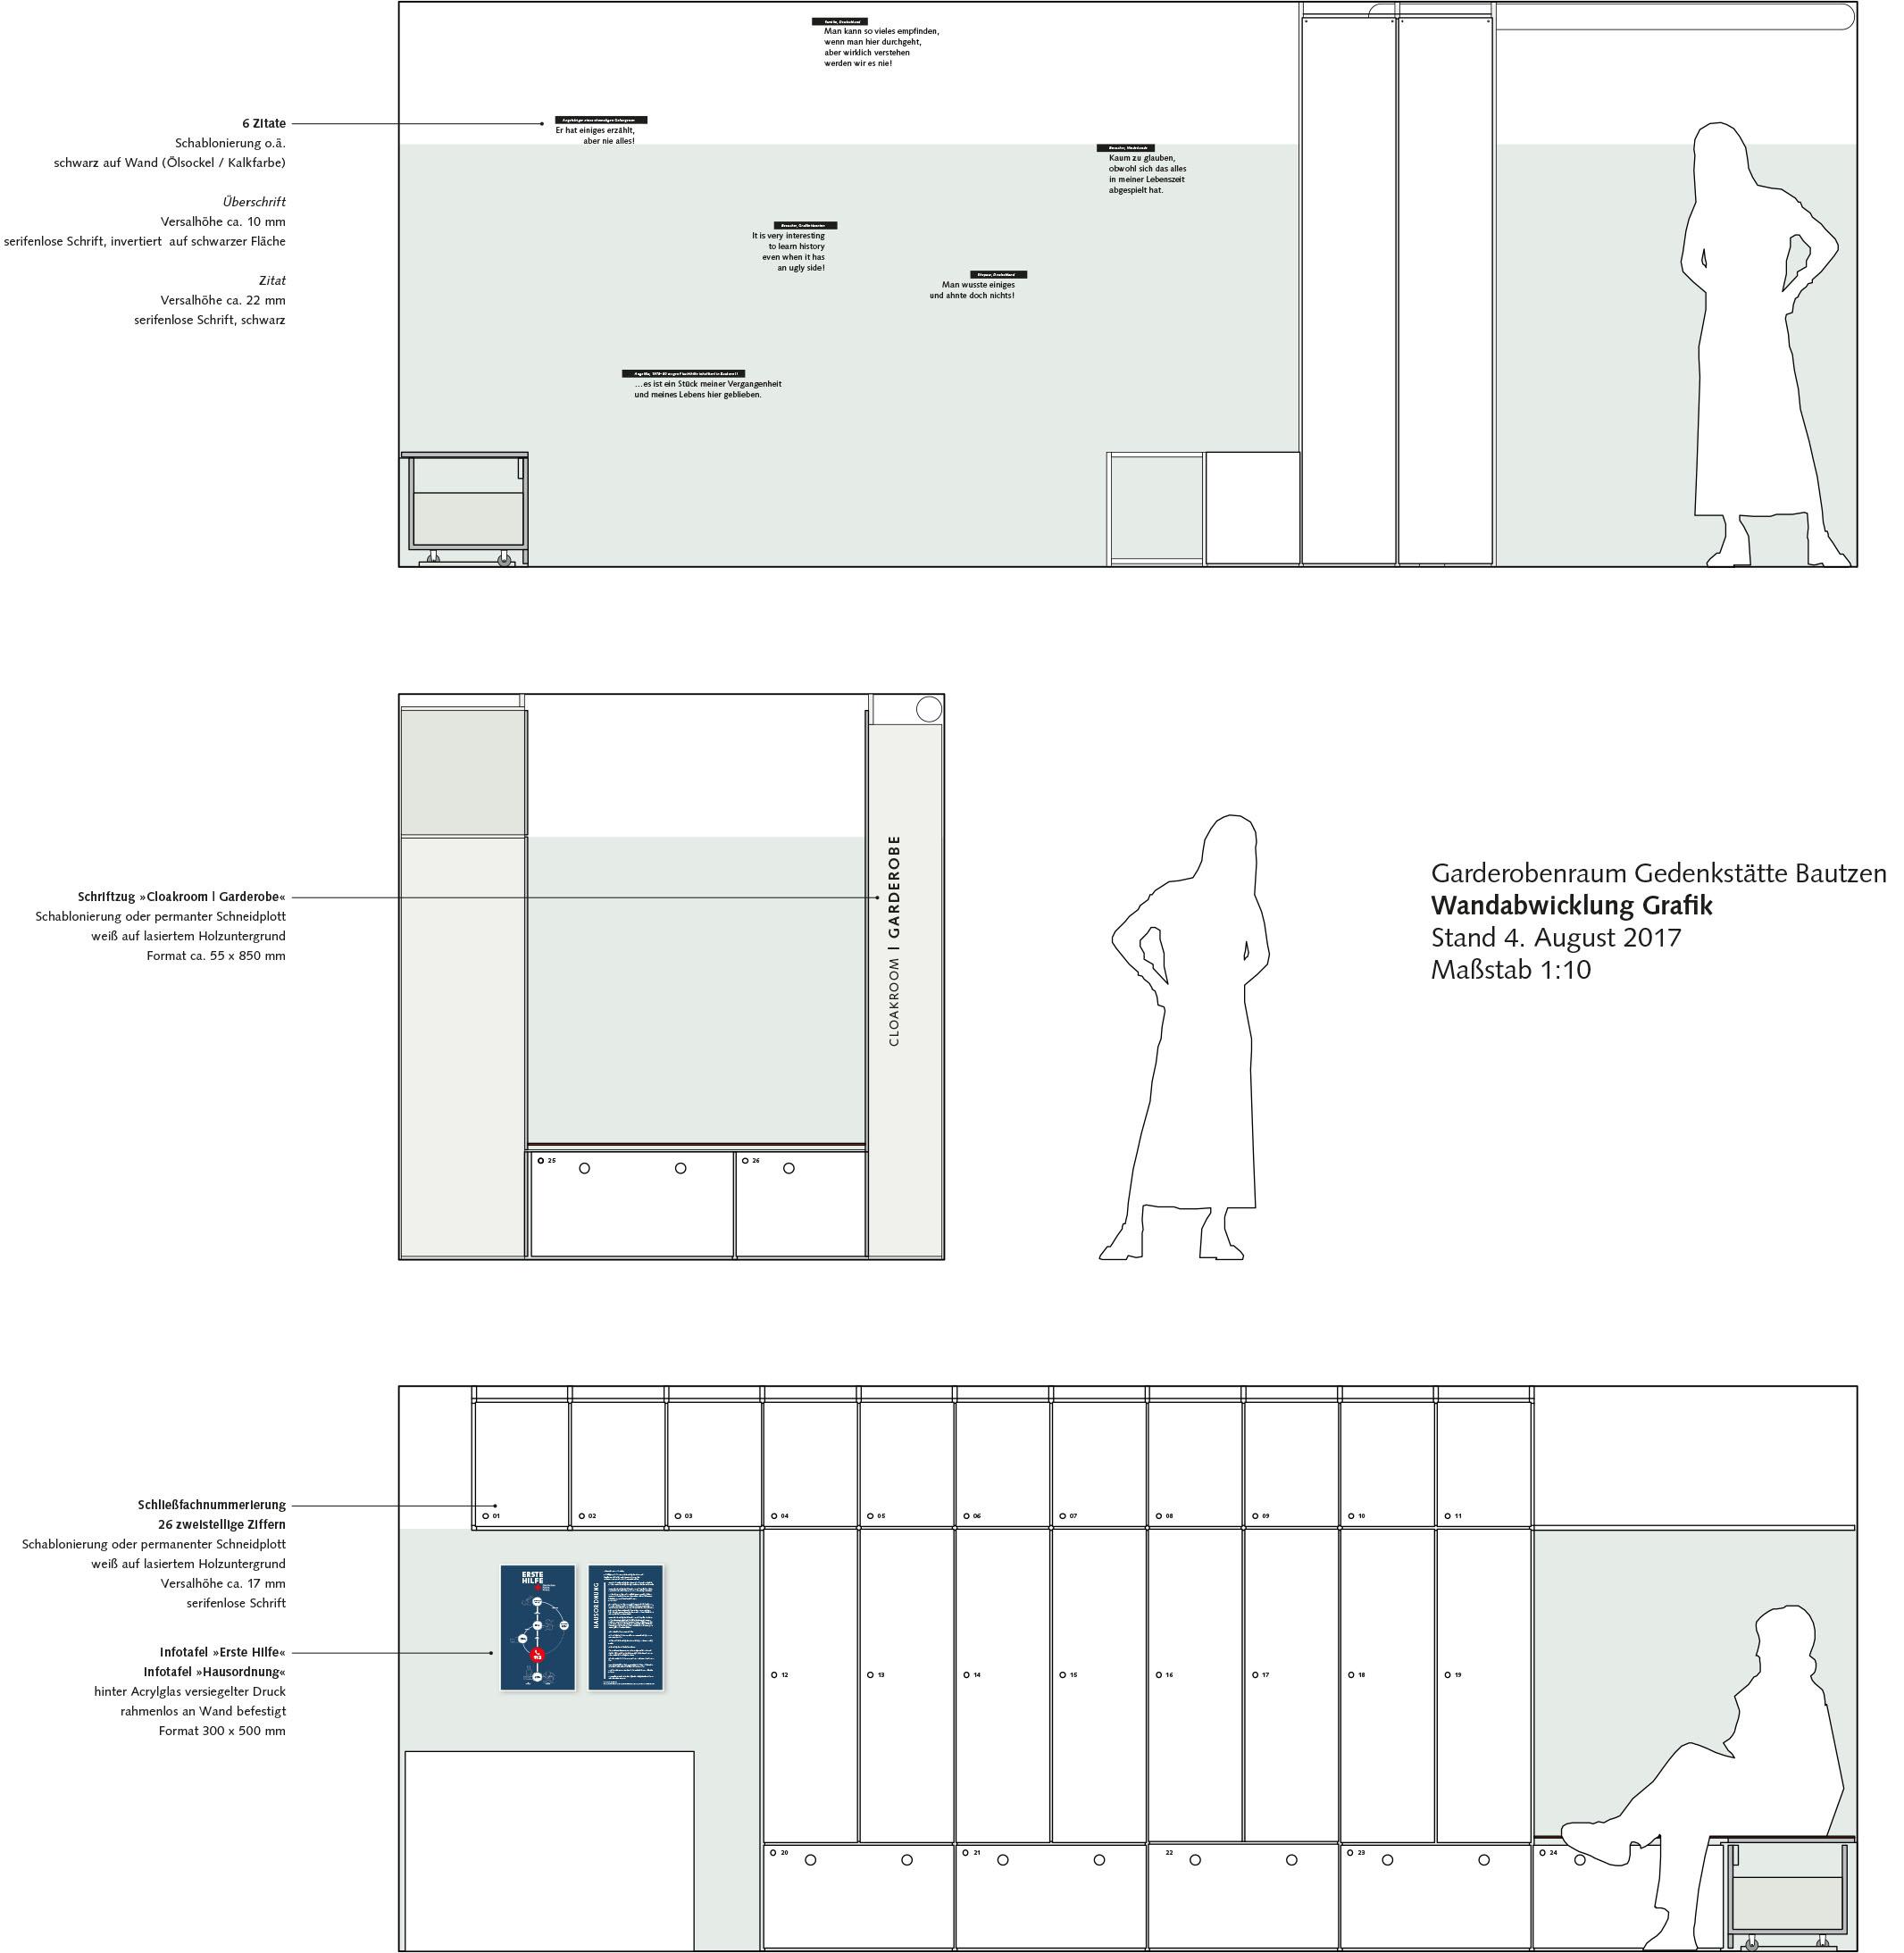 Neugestaltung der Gedenkstätten-Garderobe